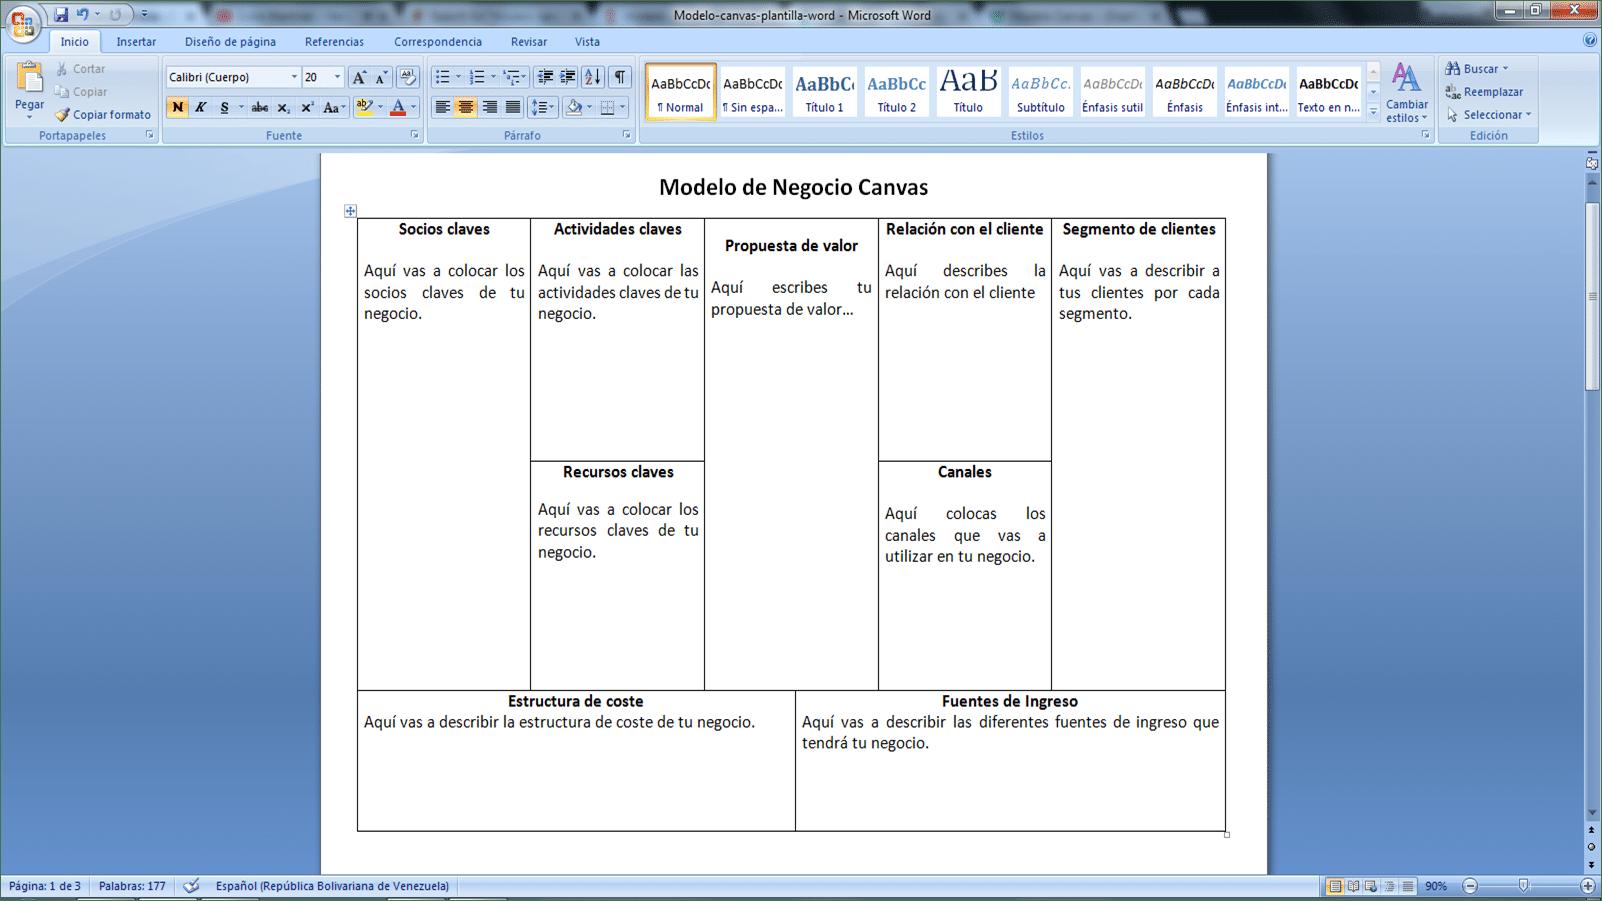 plantilla word del modelo canvas (sencilla)